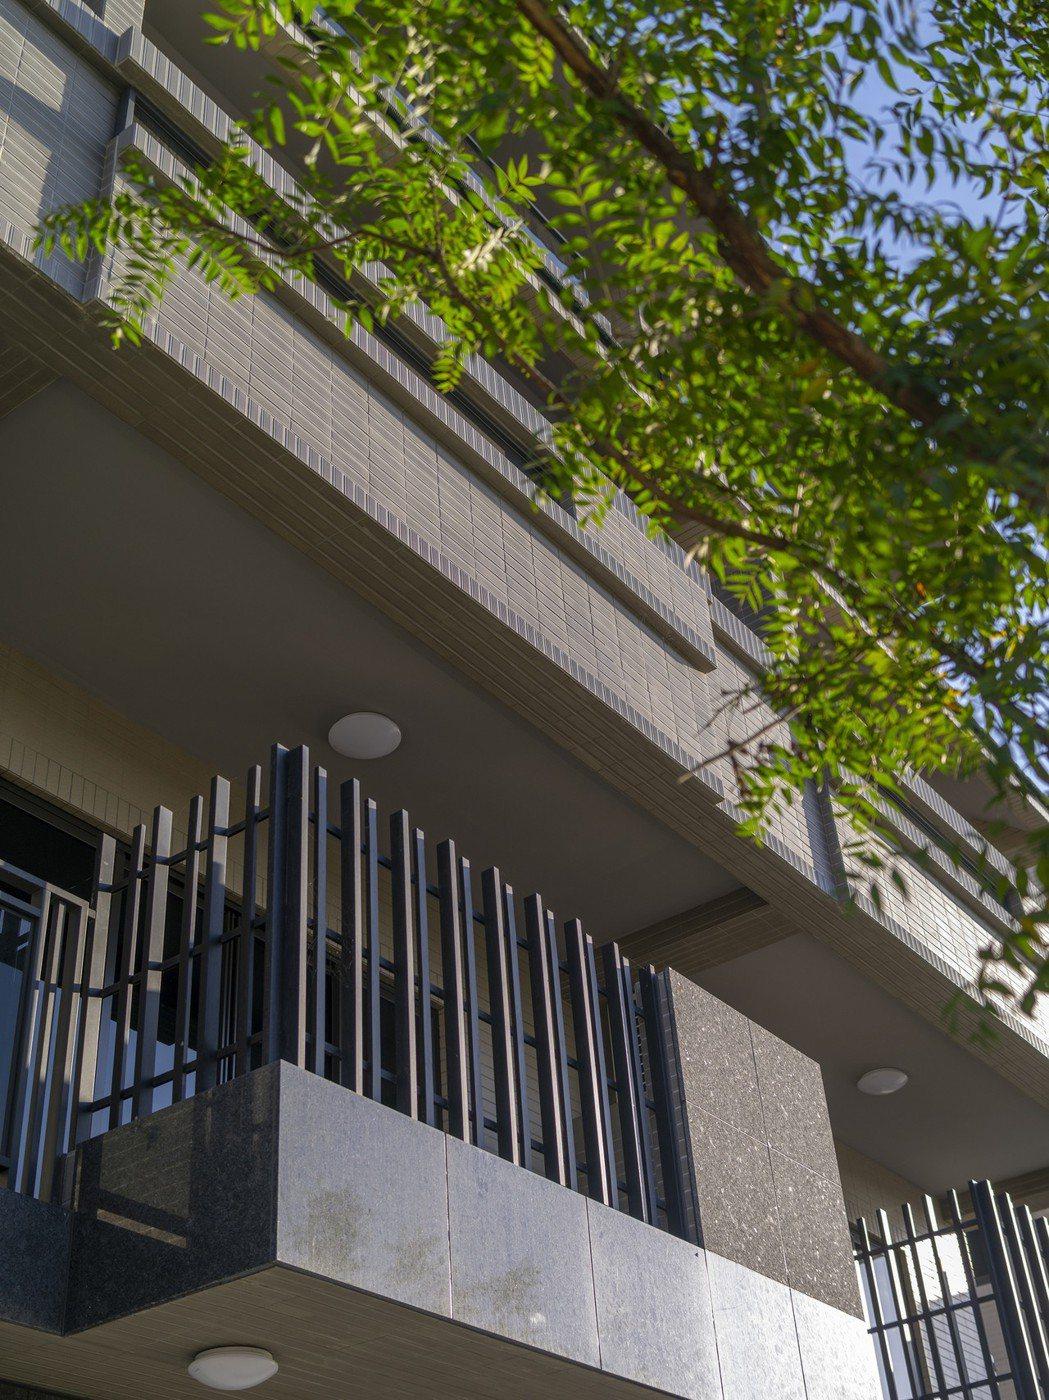 校園、綠園層層環伺,新菁英聚落、嶄新電梯別墅名宅。圖片提供/福鑫資產